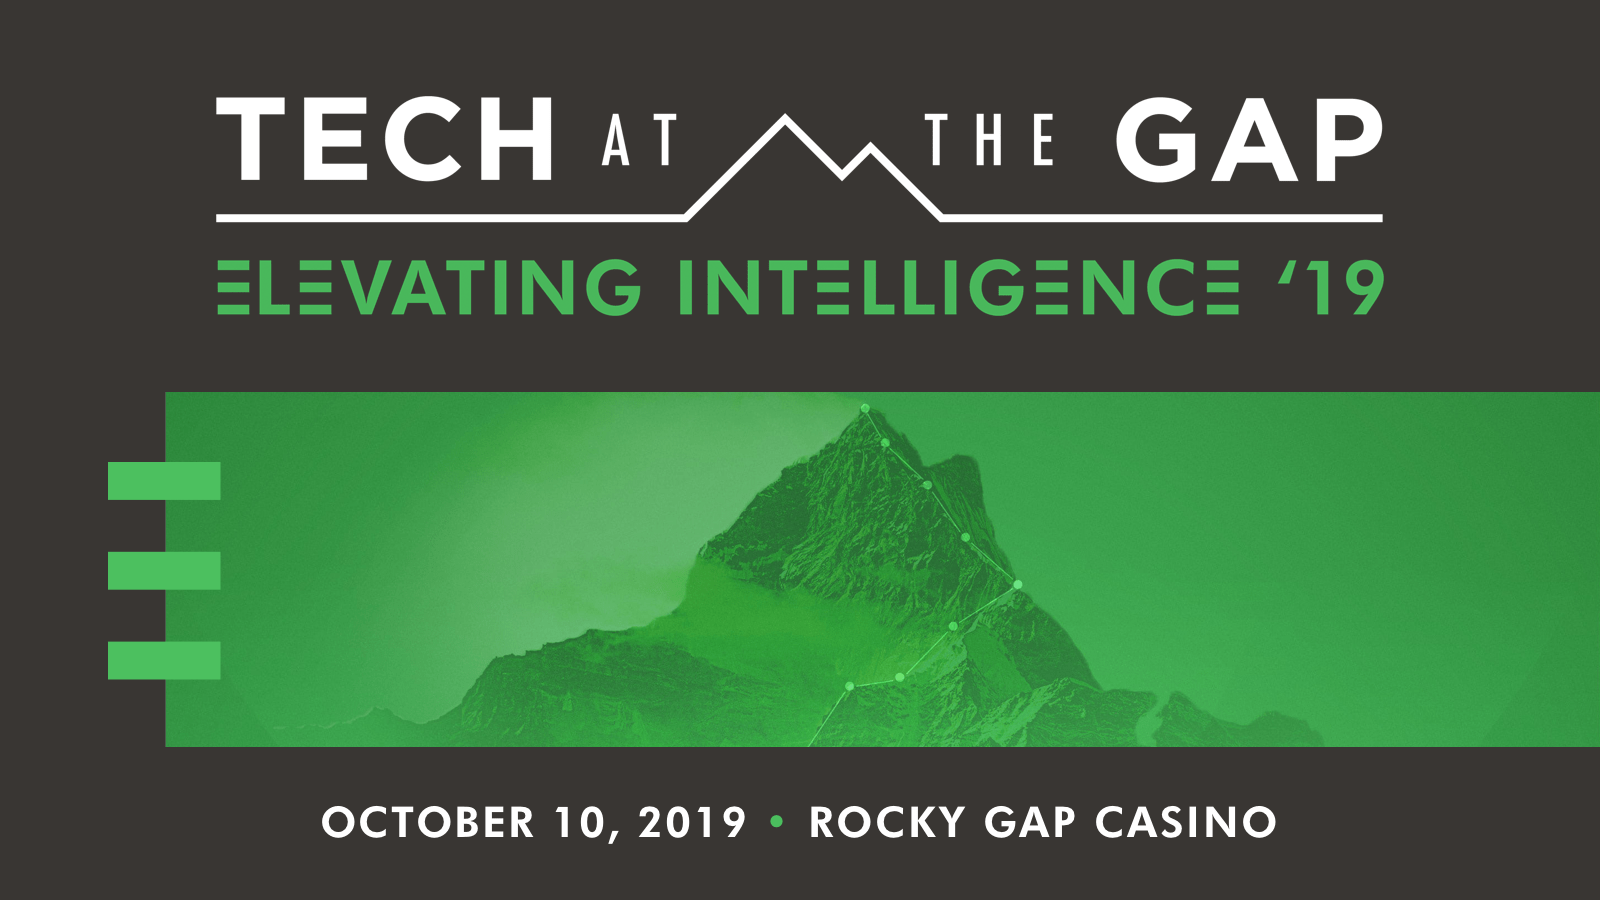 Tech at the Gap 2019